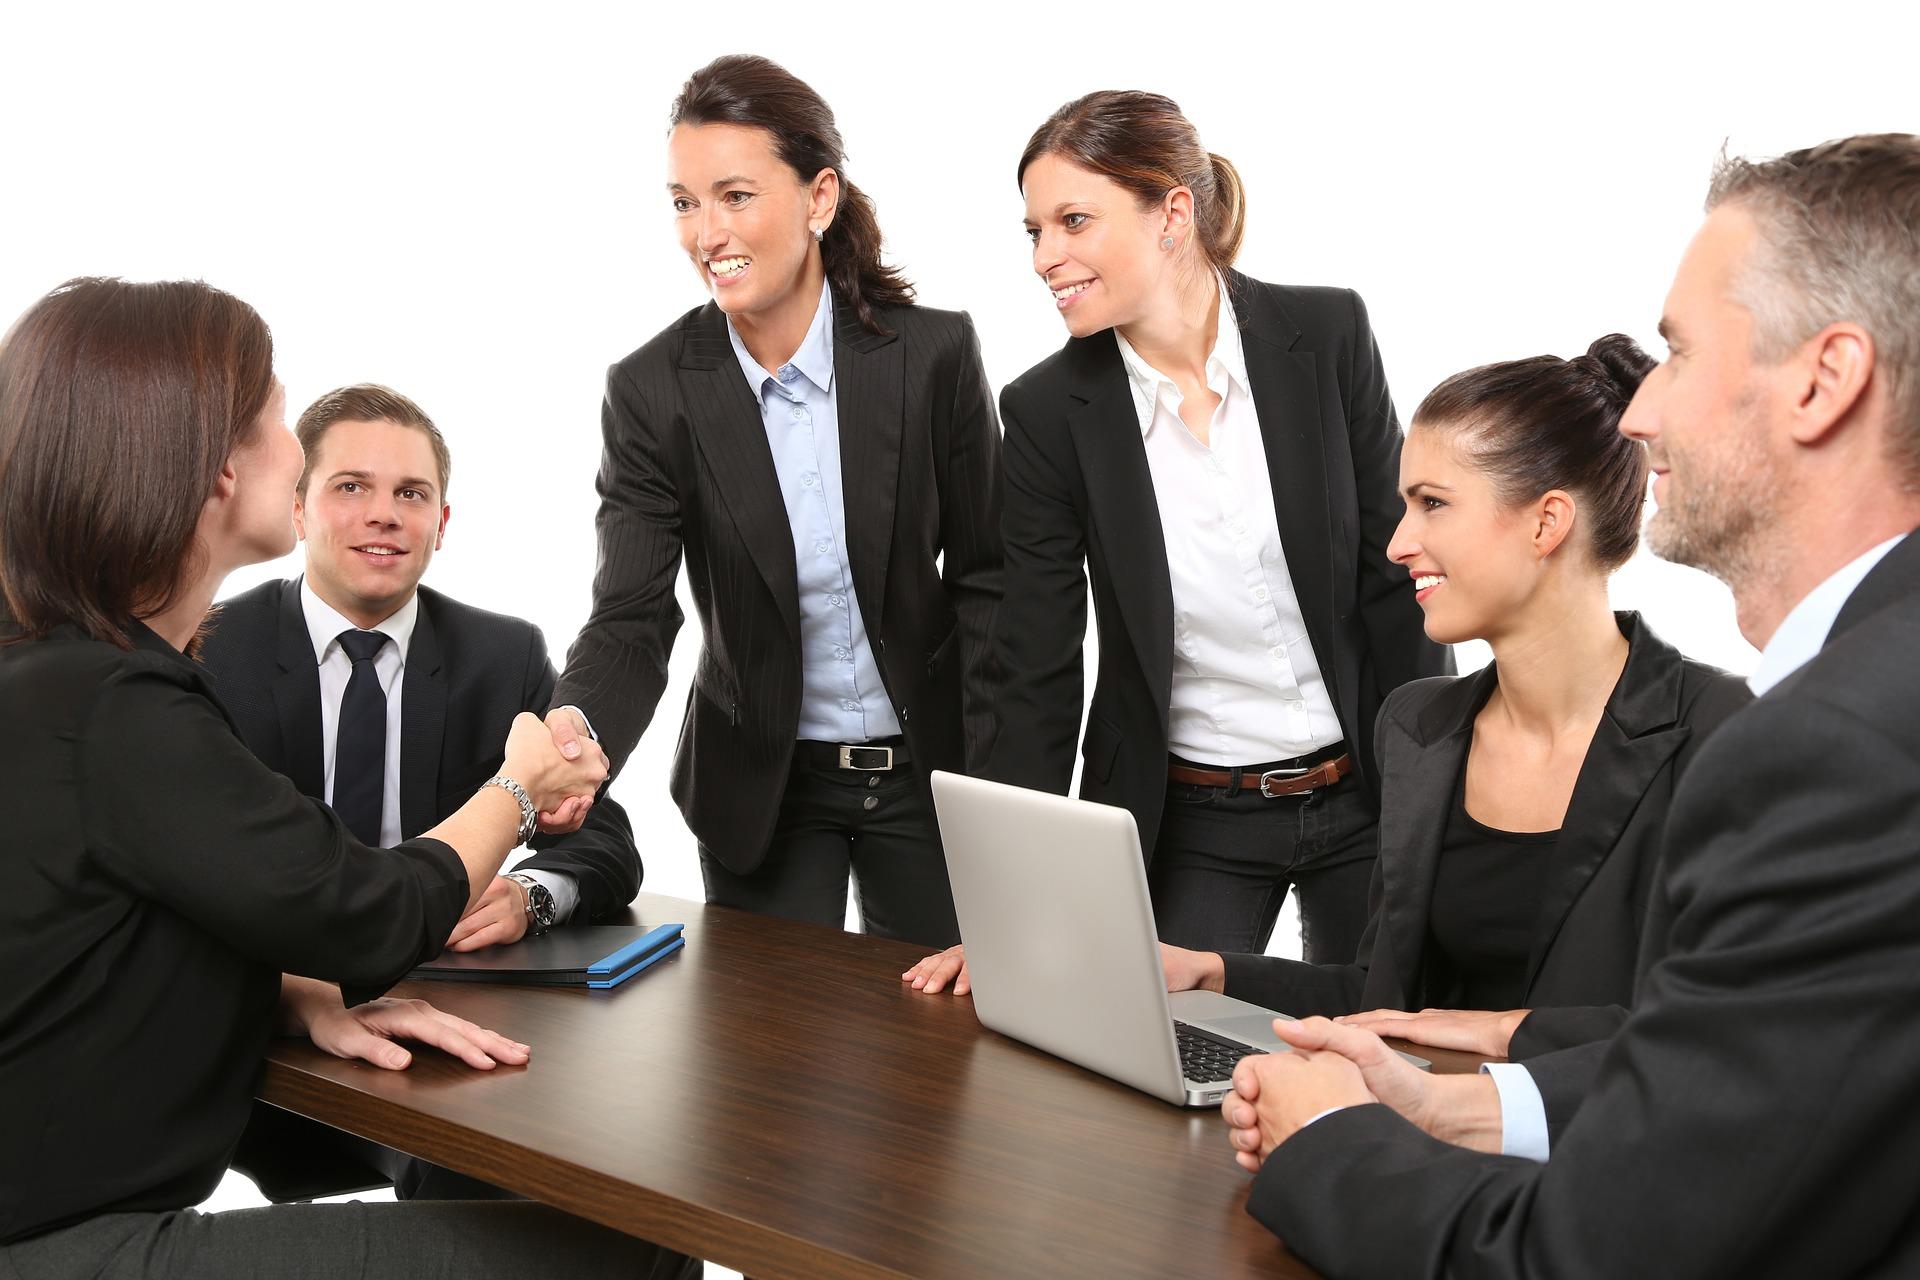 そりが合わない人・馬が合わない人…職場の上司やお局と上手くやっていく方法